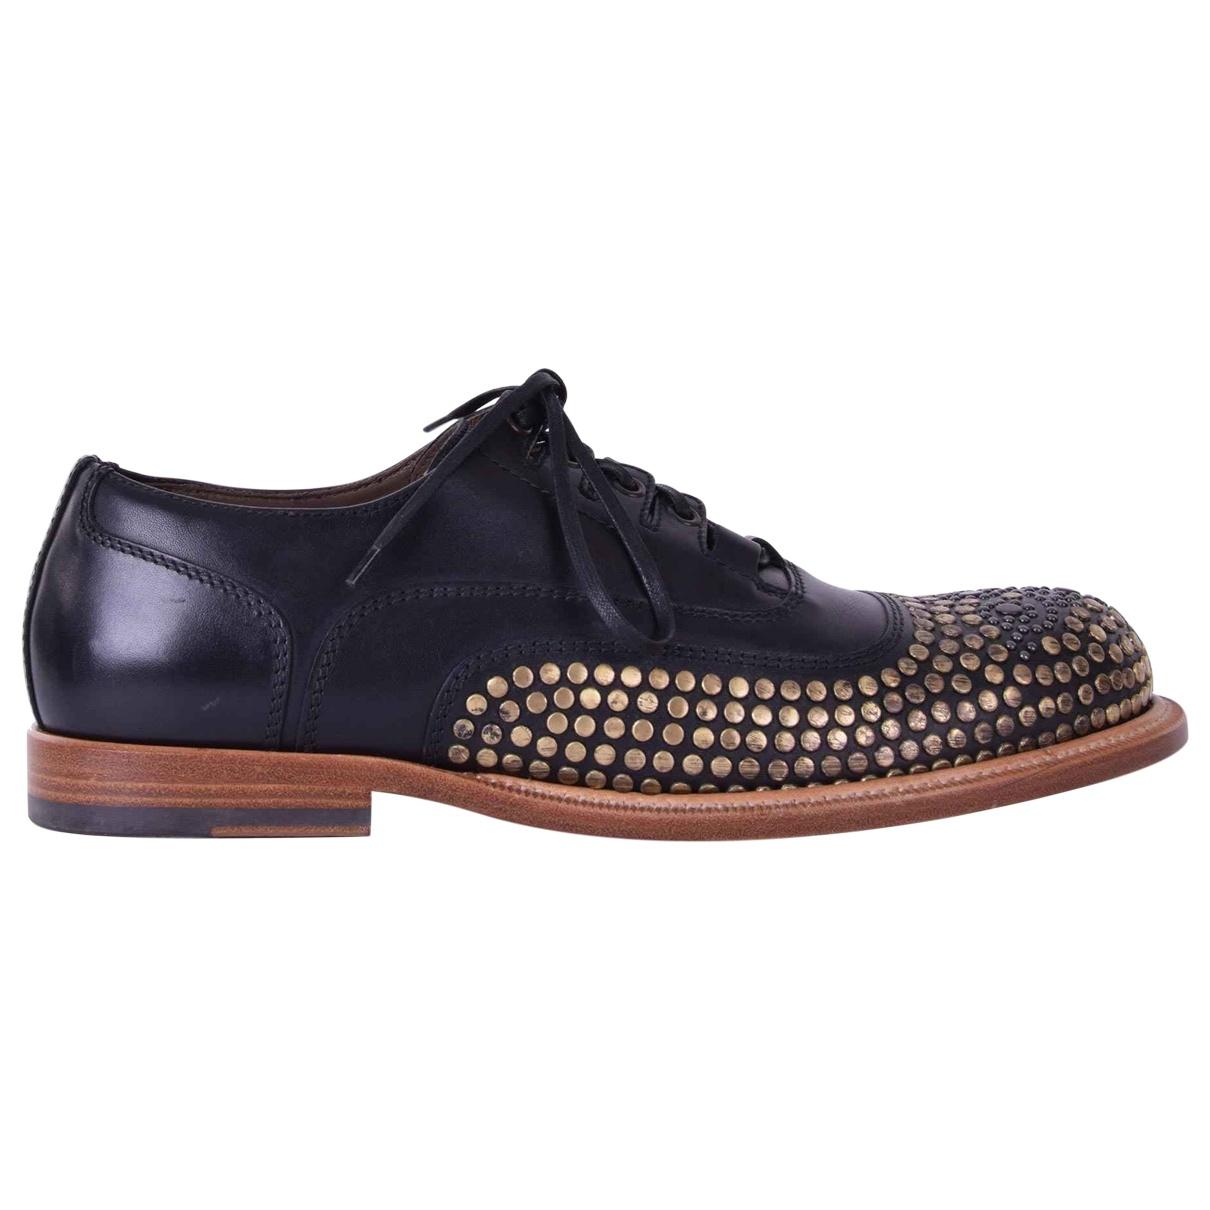 Dolce & Gabbana \N Schnuerschuhe in  Schwarz Leder